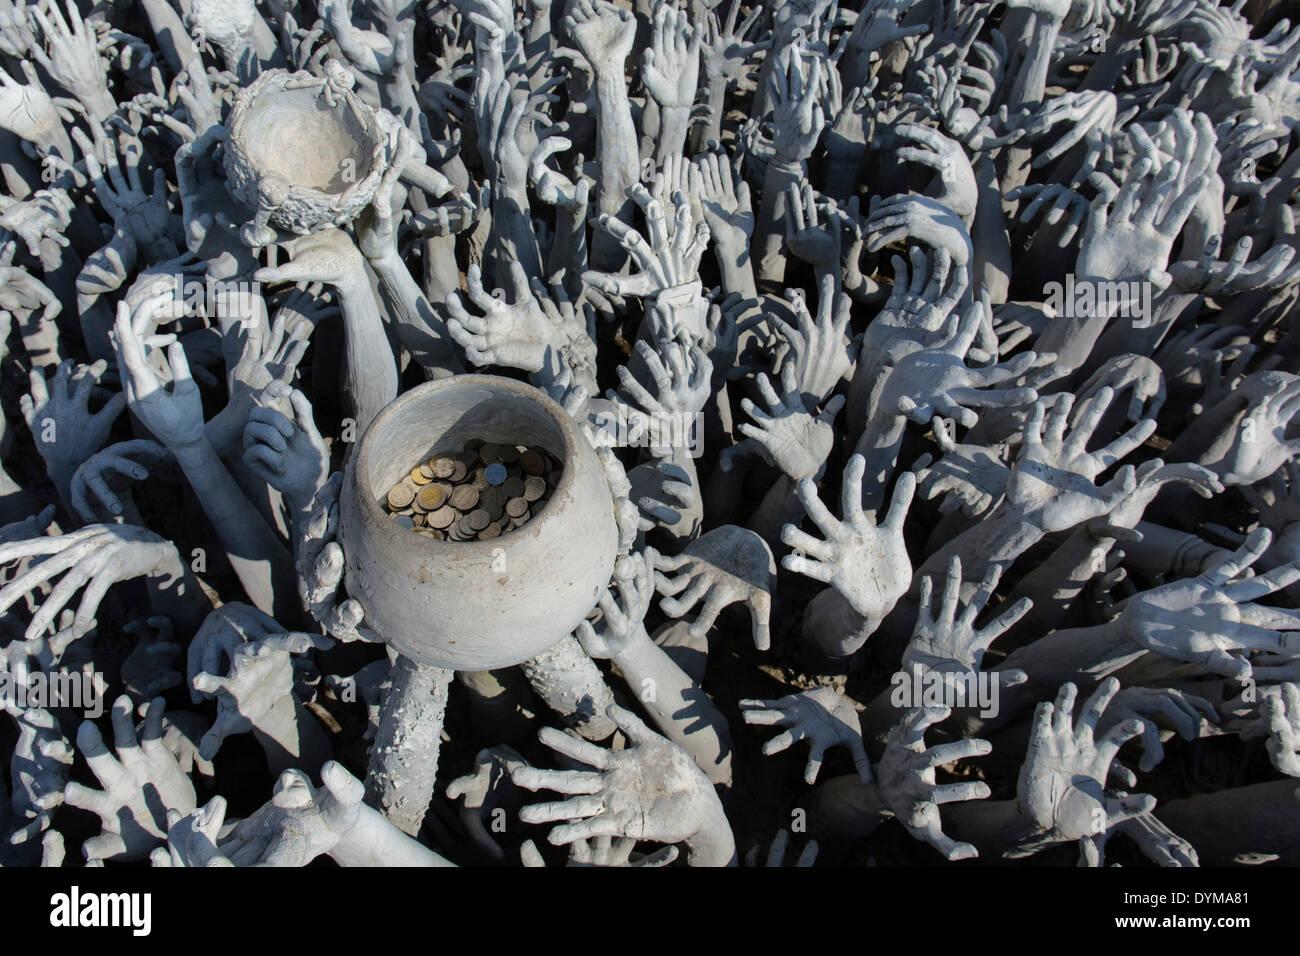 Darstellung der Hölle, Hände bittet um Hilfe und eine Bettelschale am Wat Rong Khun, Brücke zum Eingang des weißen Tempels, von Stockbild